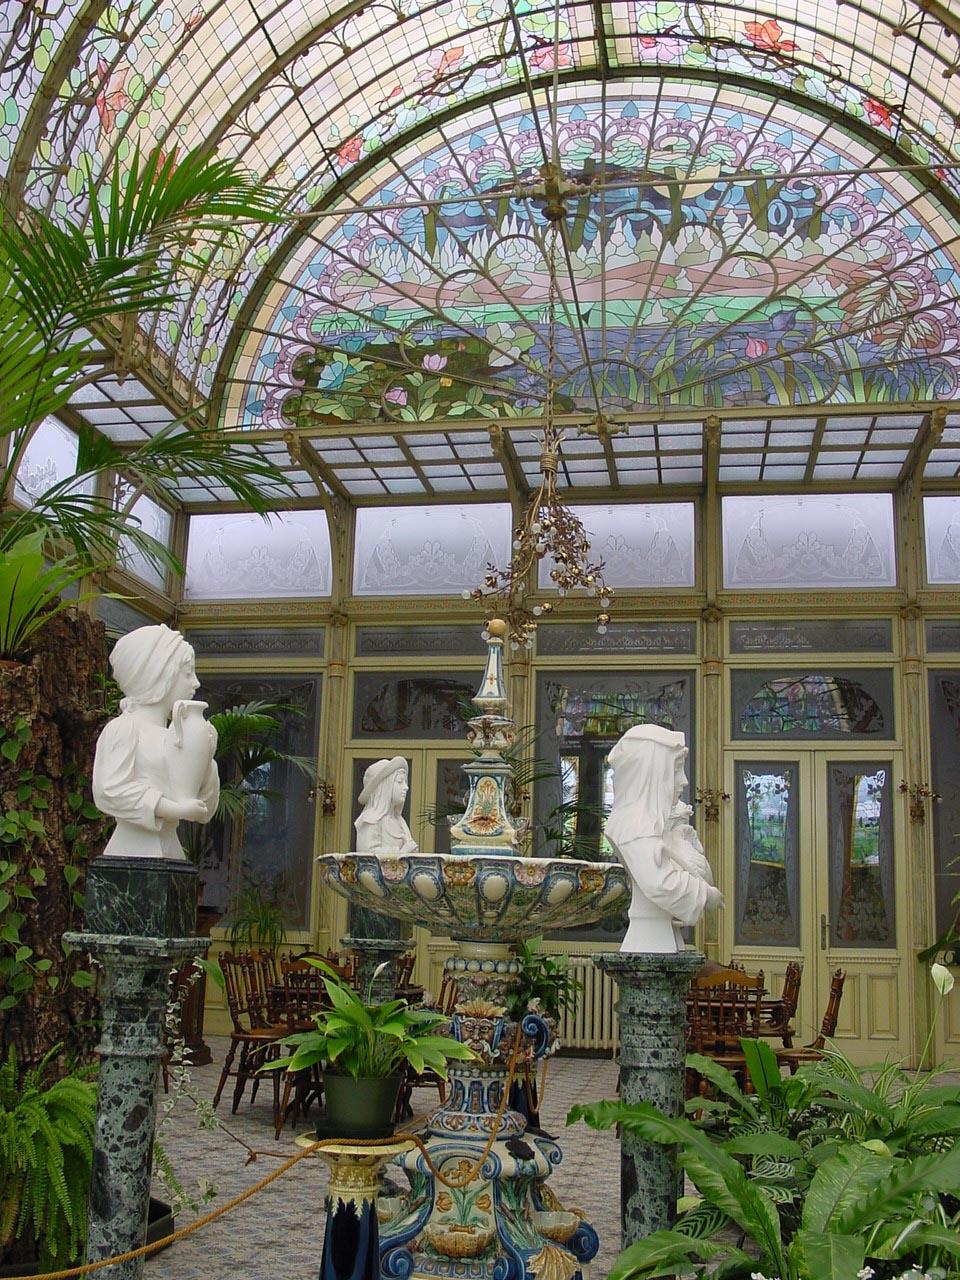 home garden un jardin d 39 hiver art nouveau. Black Bedroom Furniture Sets. Home Design Ideas